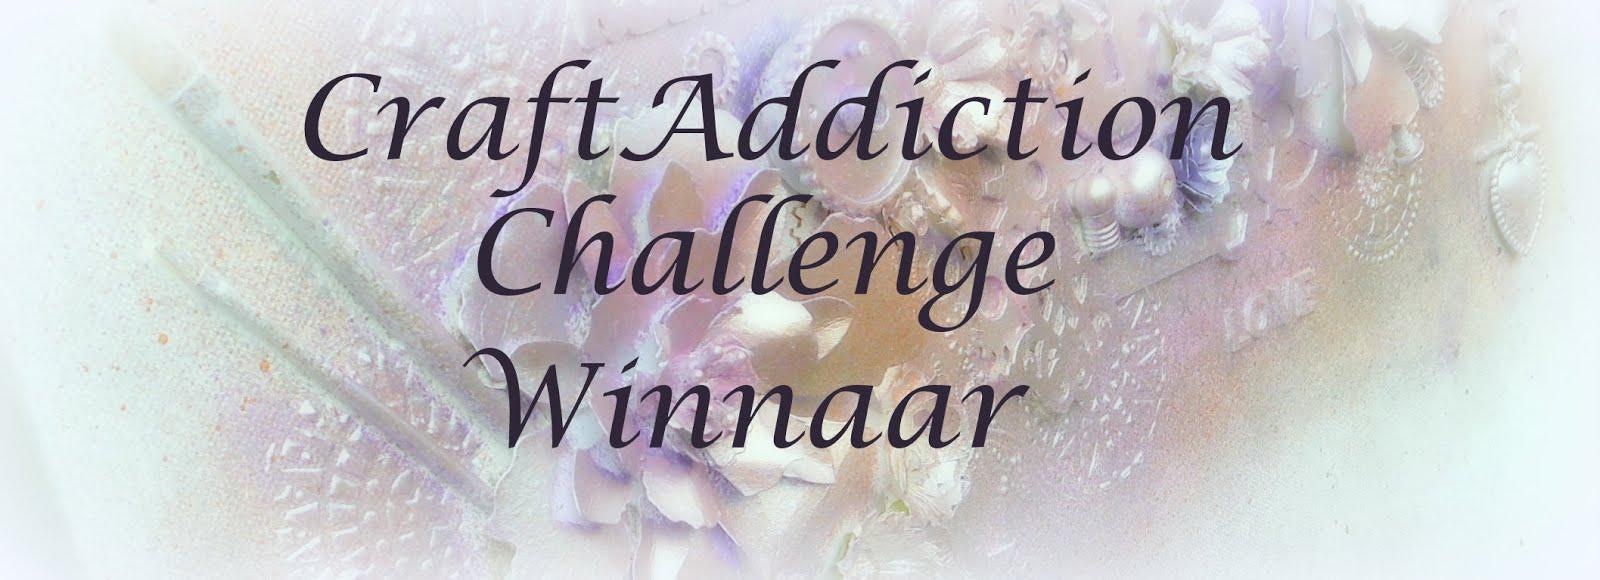 winnaar challenge # 4